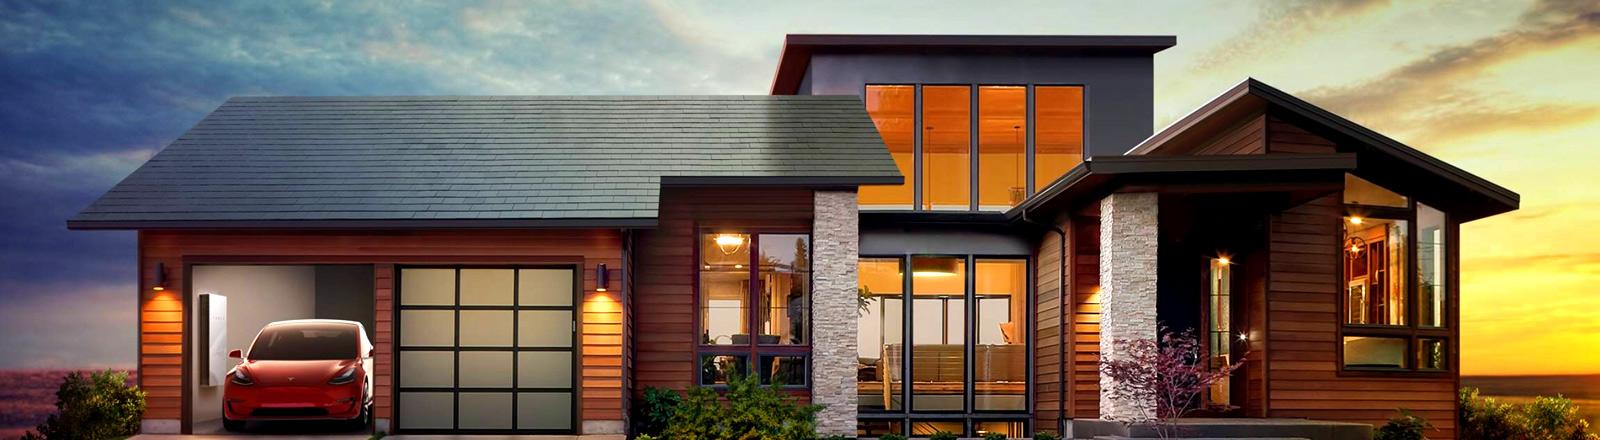 Grafik: Simulation eines Hauses mit Tesla Solarziegeln